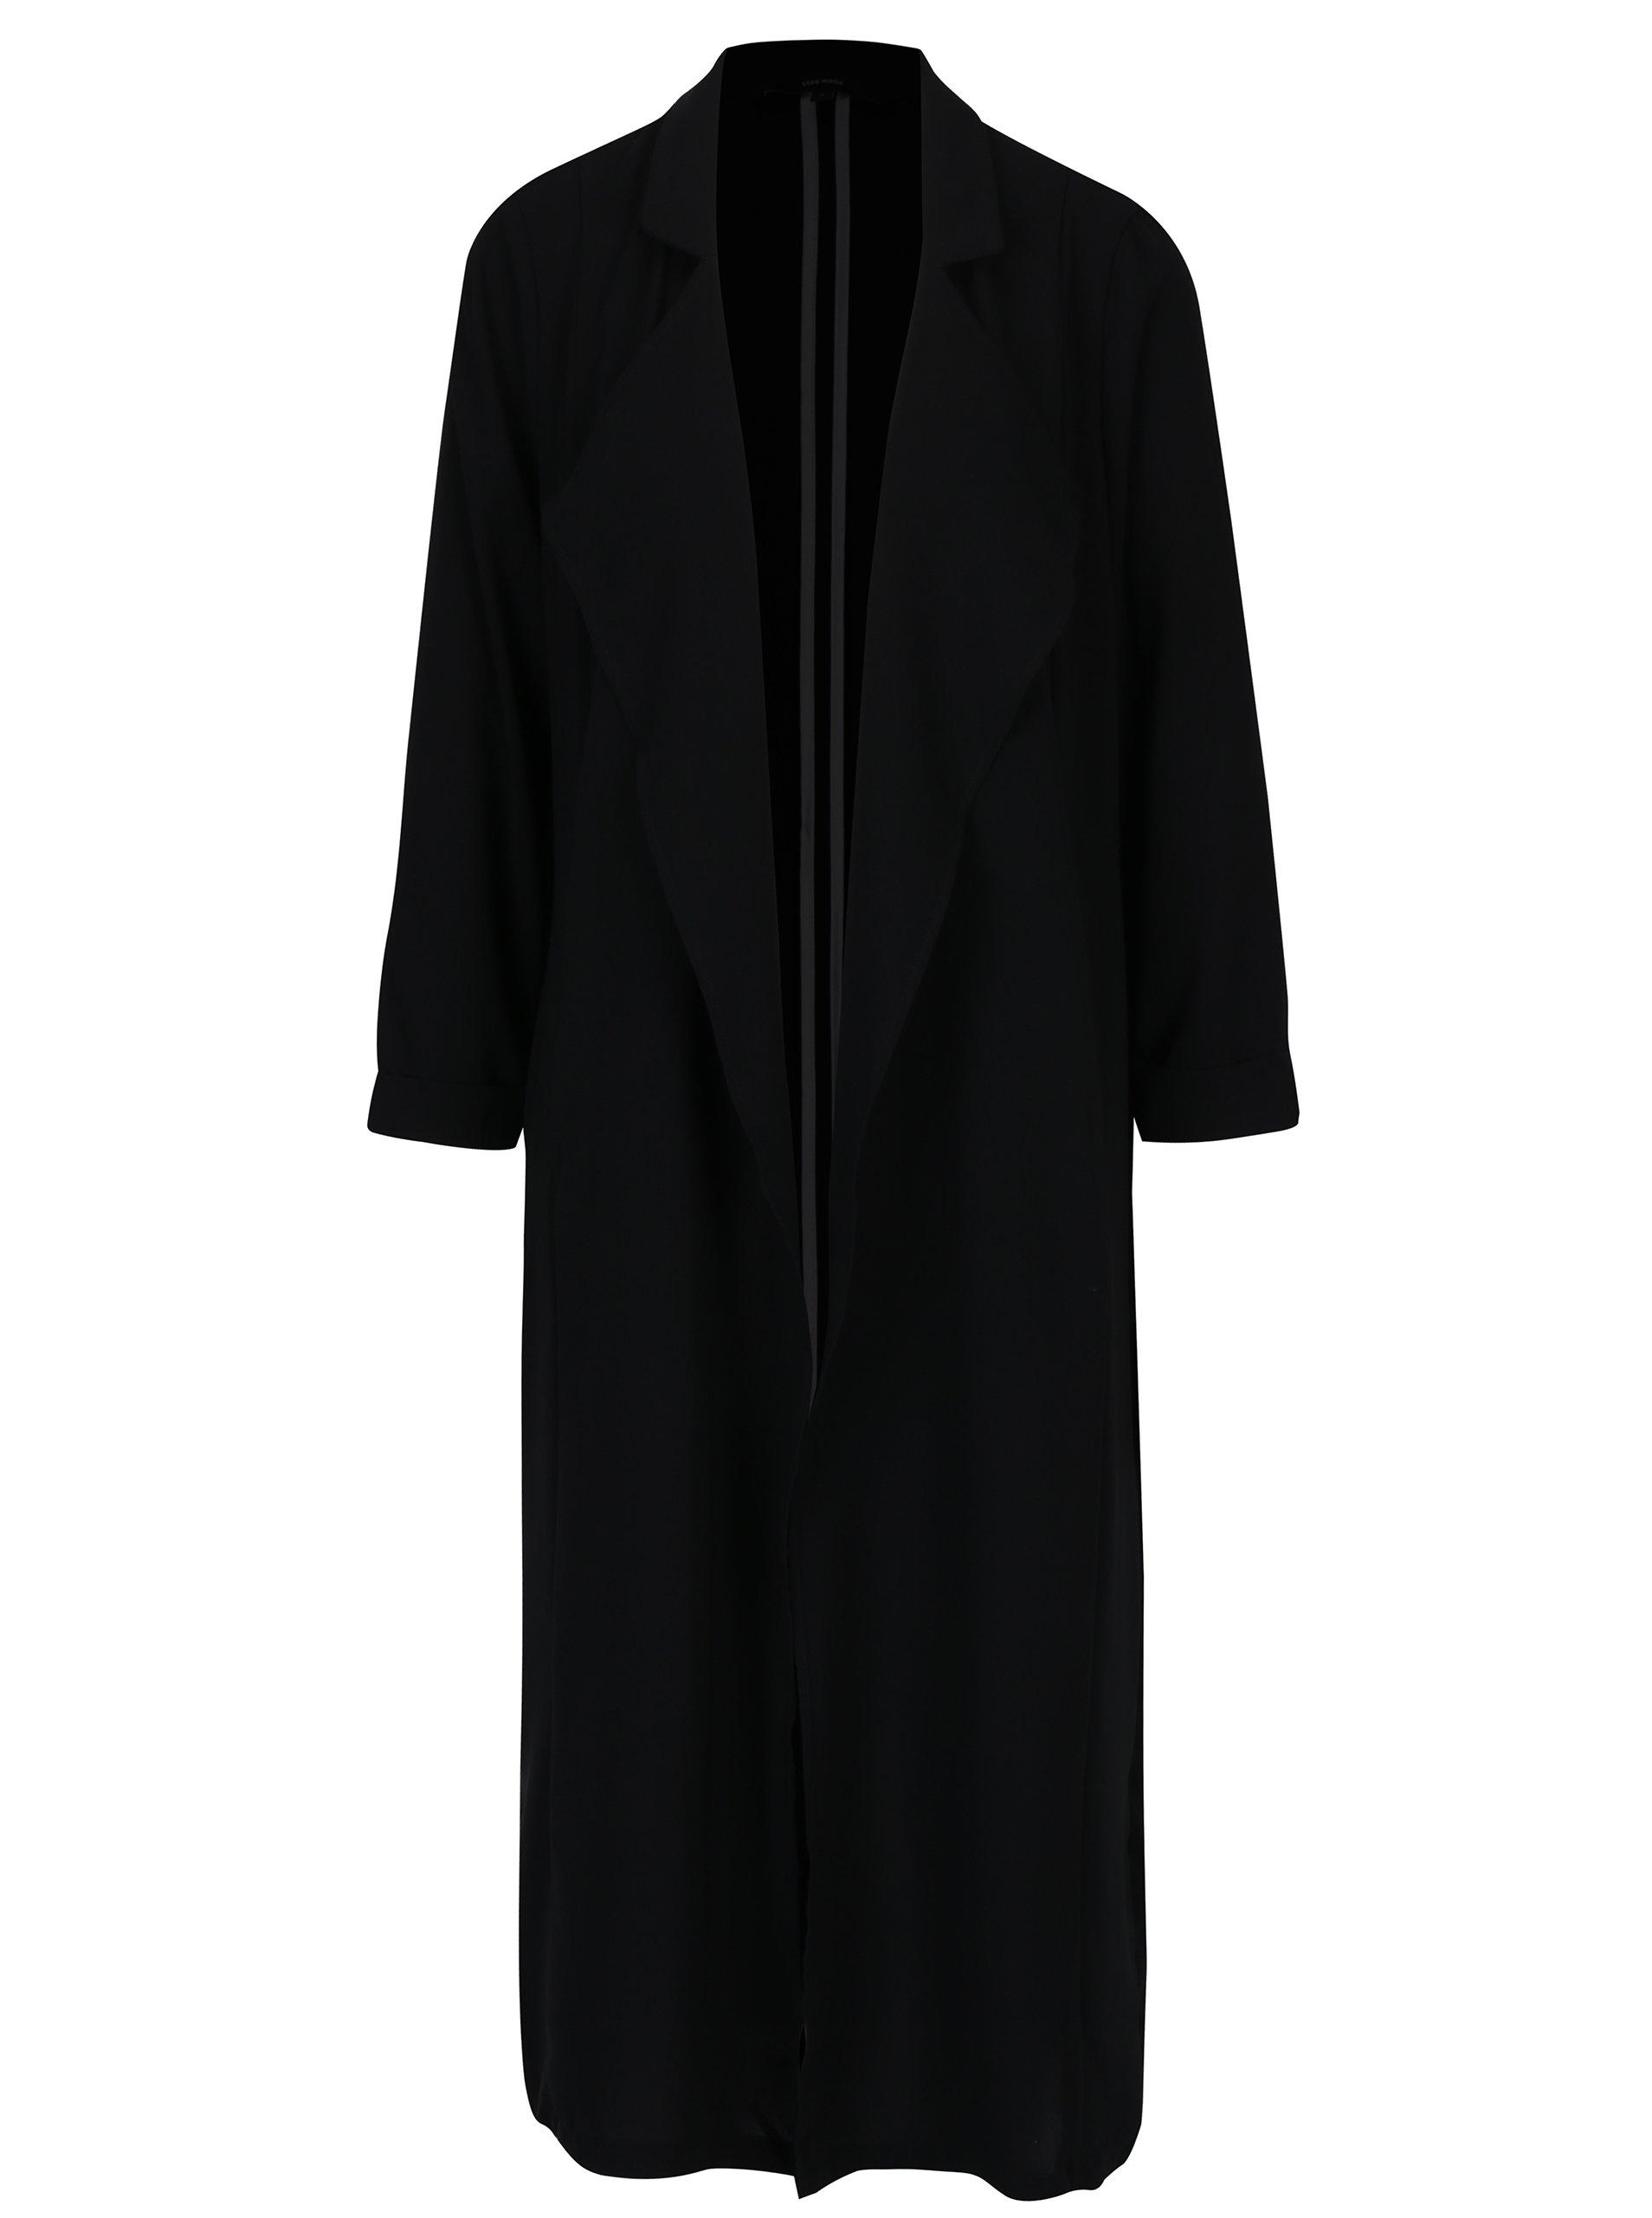 Černý dlouhý lehký kabát s 3/4 rukávem VERO MODA Libi